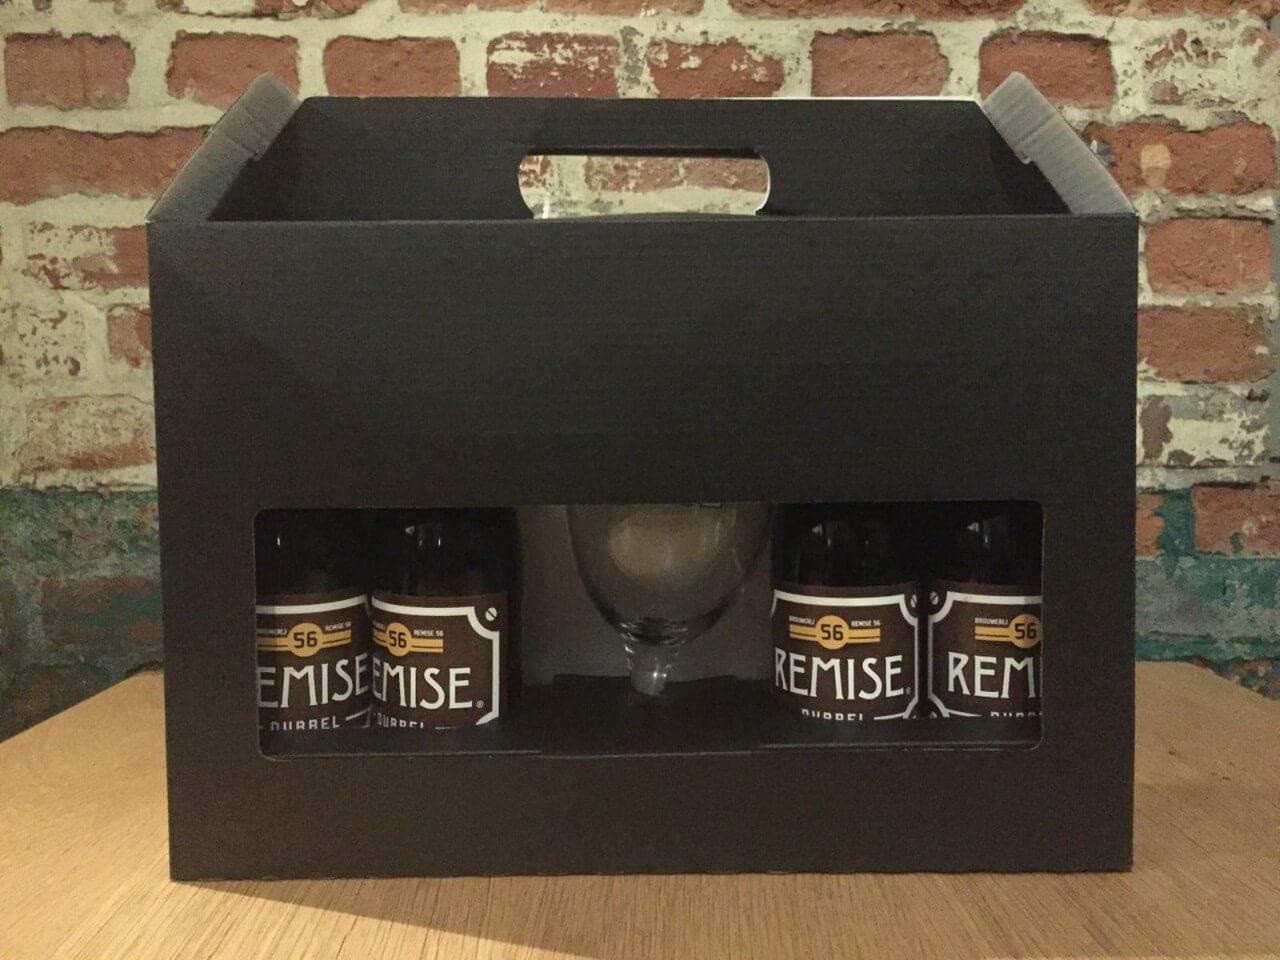 Geschenk koffer met Remise 56 Dubbel en Glas